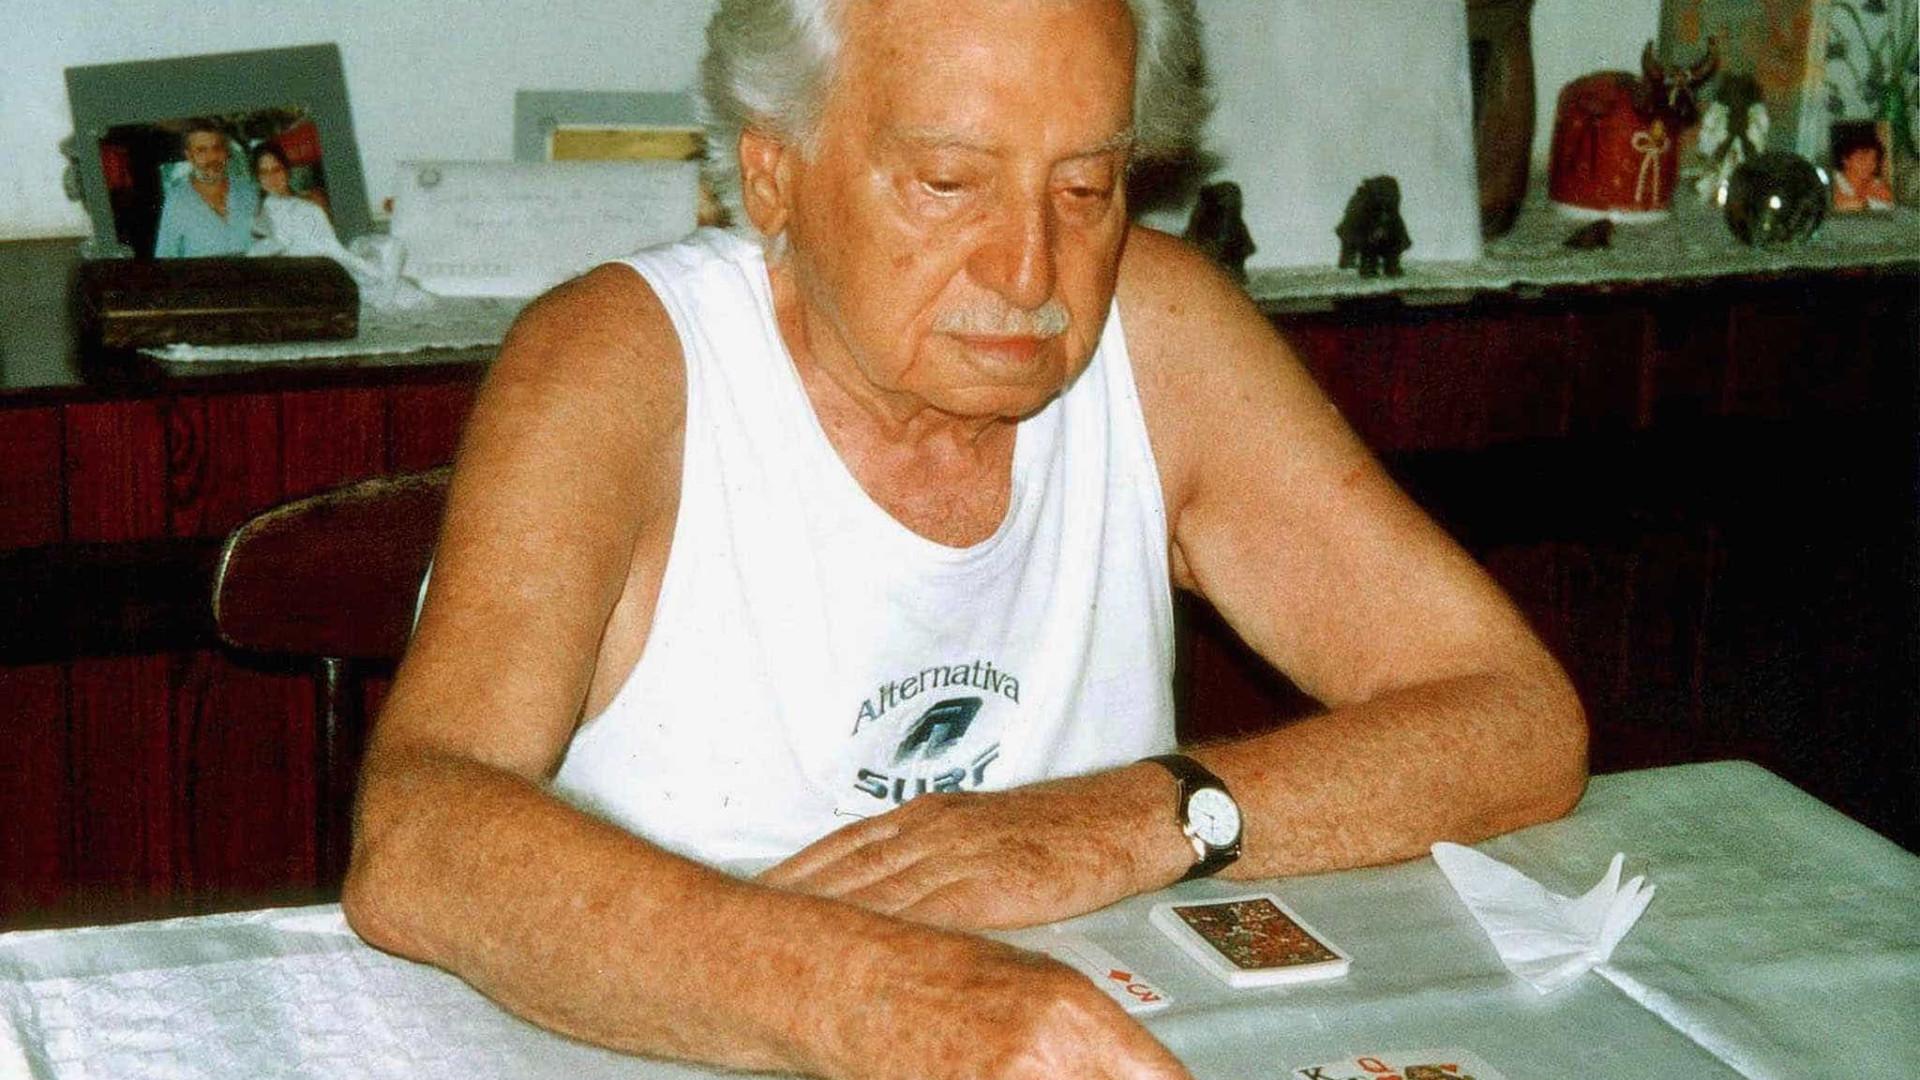 Biógrafa: Jorge Amado subvertia espaço reservado à elite na literatura